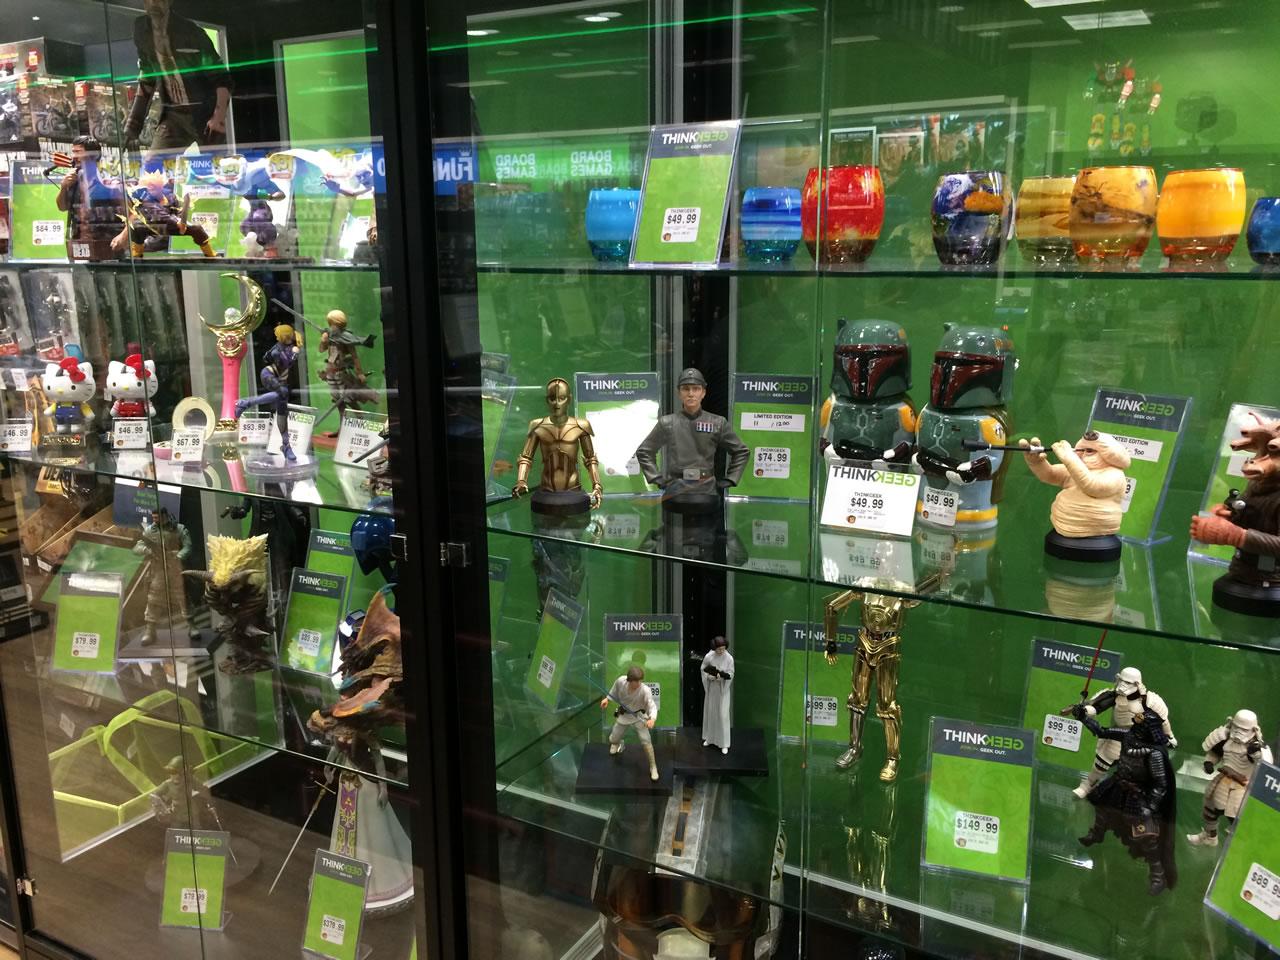 46 thinkgeek store - figurines